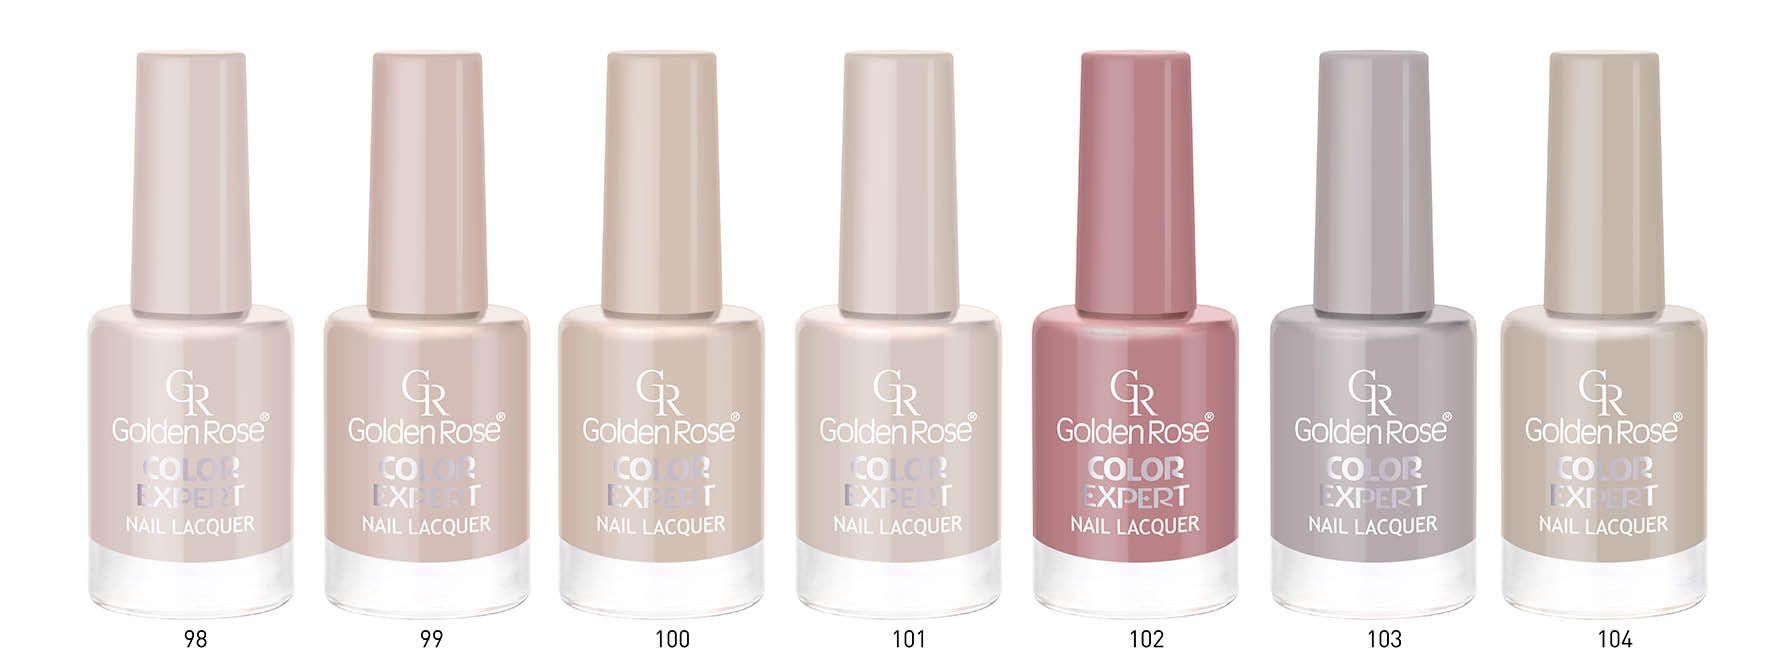 GOLDEN ROSE COLOR EXPERT       Zobacz cały artykuł na naszej stronie: http://fashionmedia.pl/2015/04/17/golden-rose-color-expert-2/  Kategorie: #Kosmetyki, #Uroda Tagi: #GoldenRose, #GOLDENROSECOLOREXPERT, #NoweOdcienie, #Pastele, #TonacjaNude